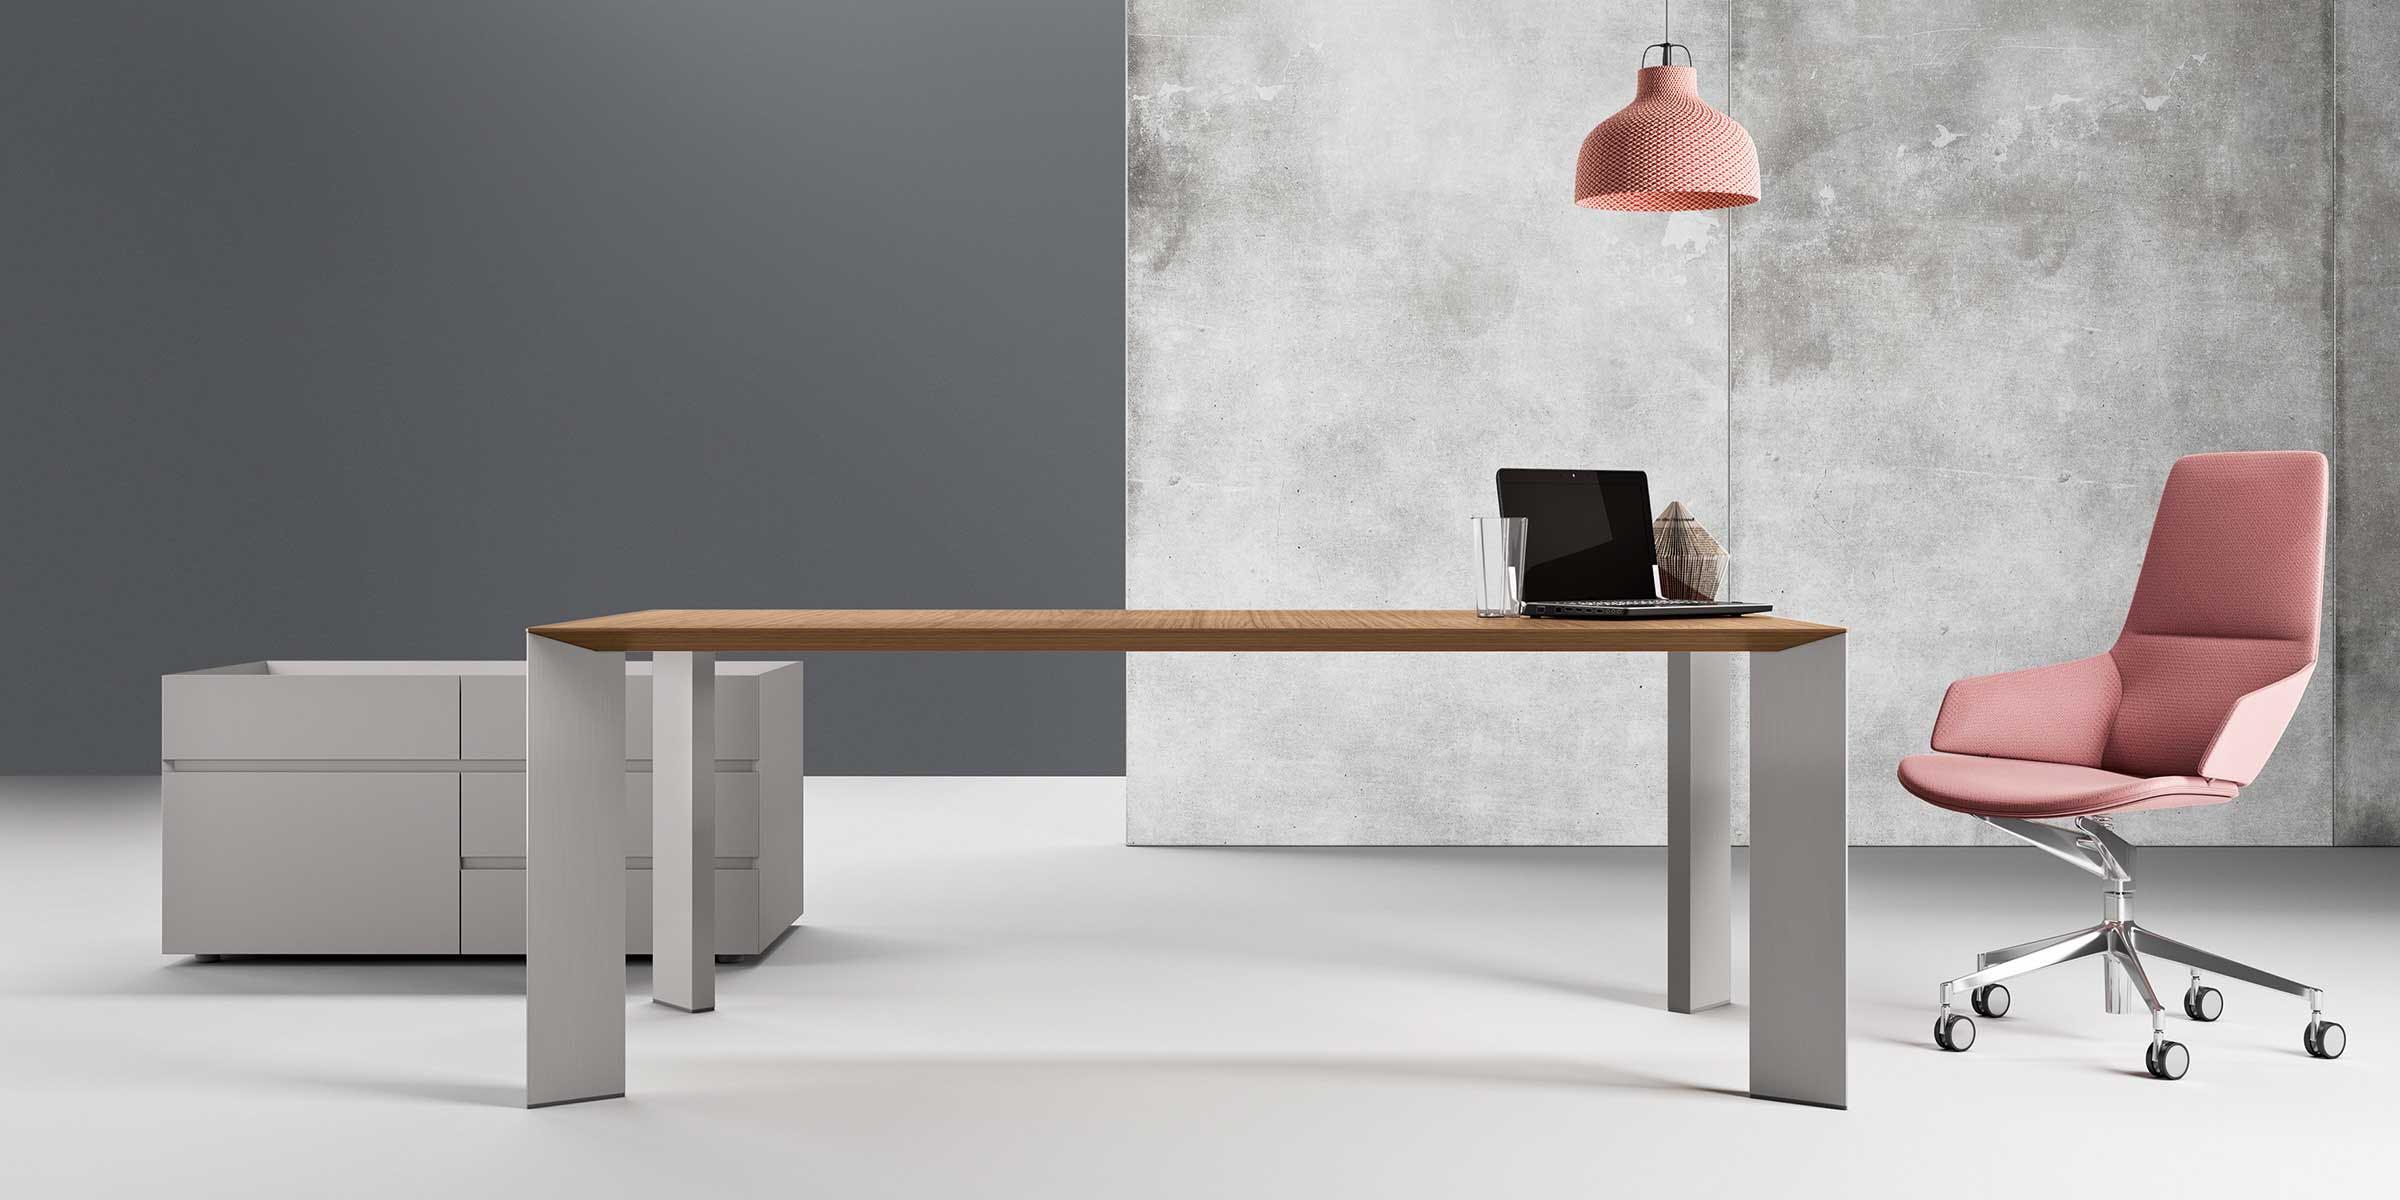 blaha buero office schlicht beton elegant arbeitsraum paper